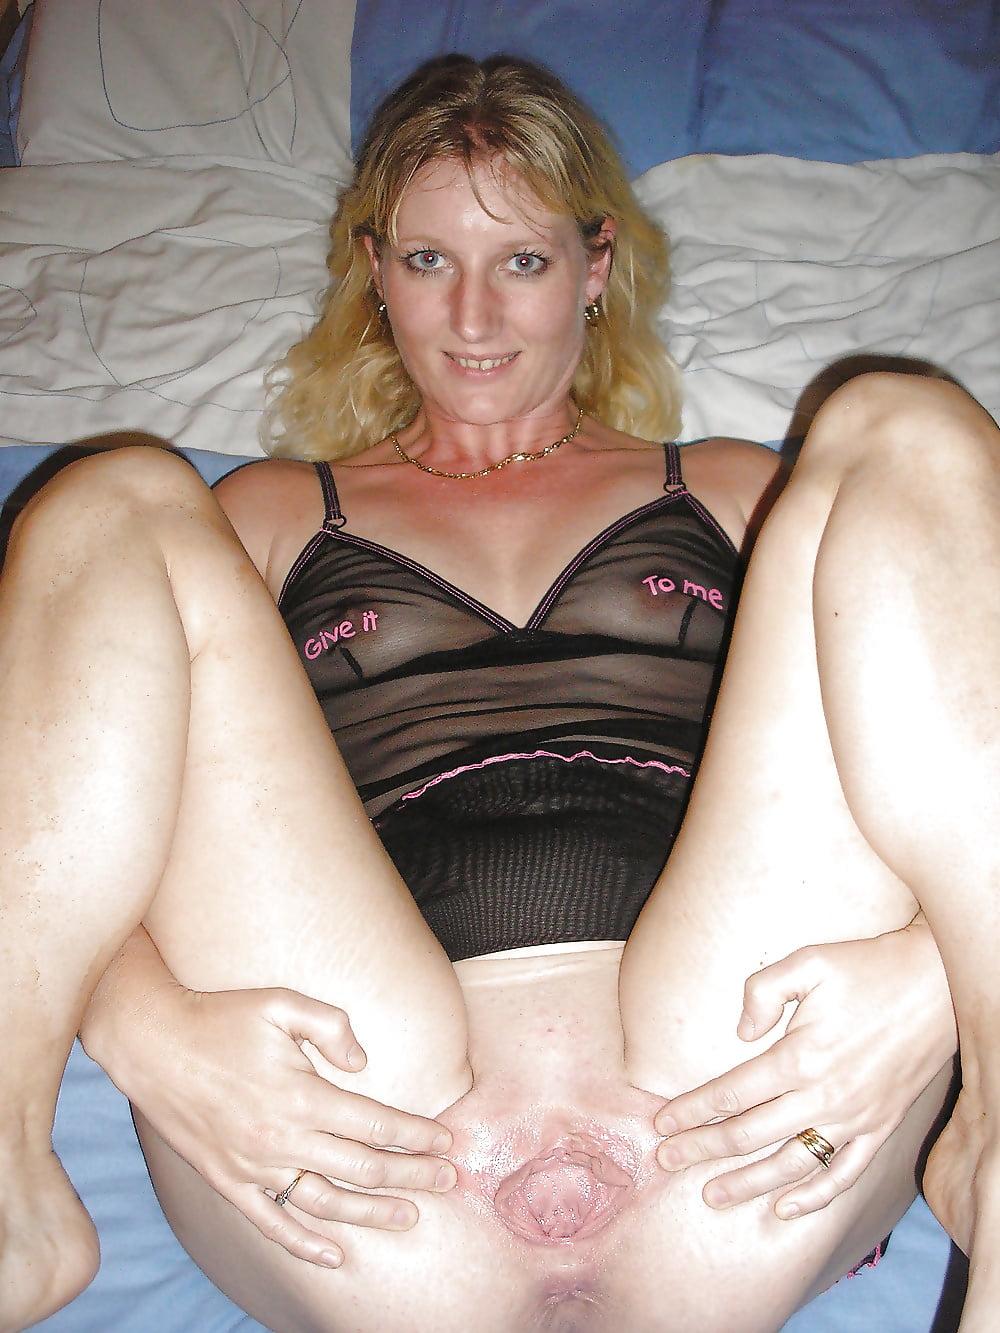 Порно с некрасивыми грязными шлюхами — photo 13